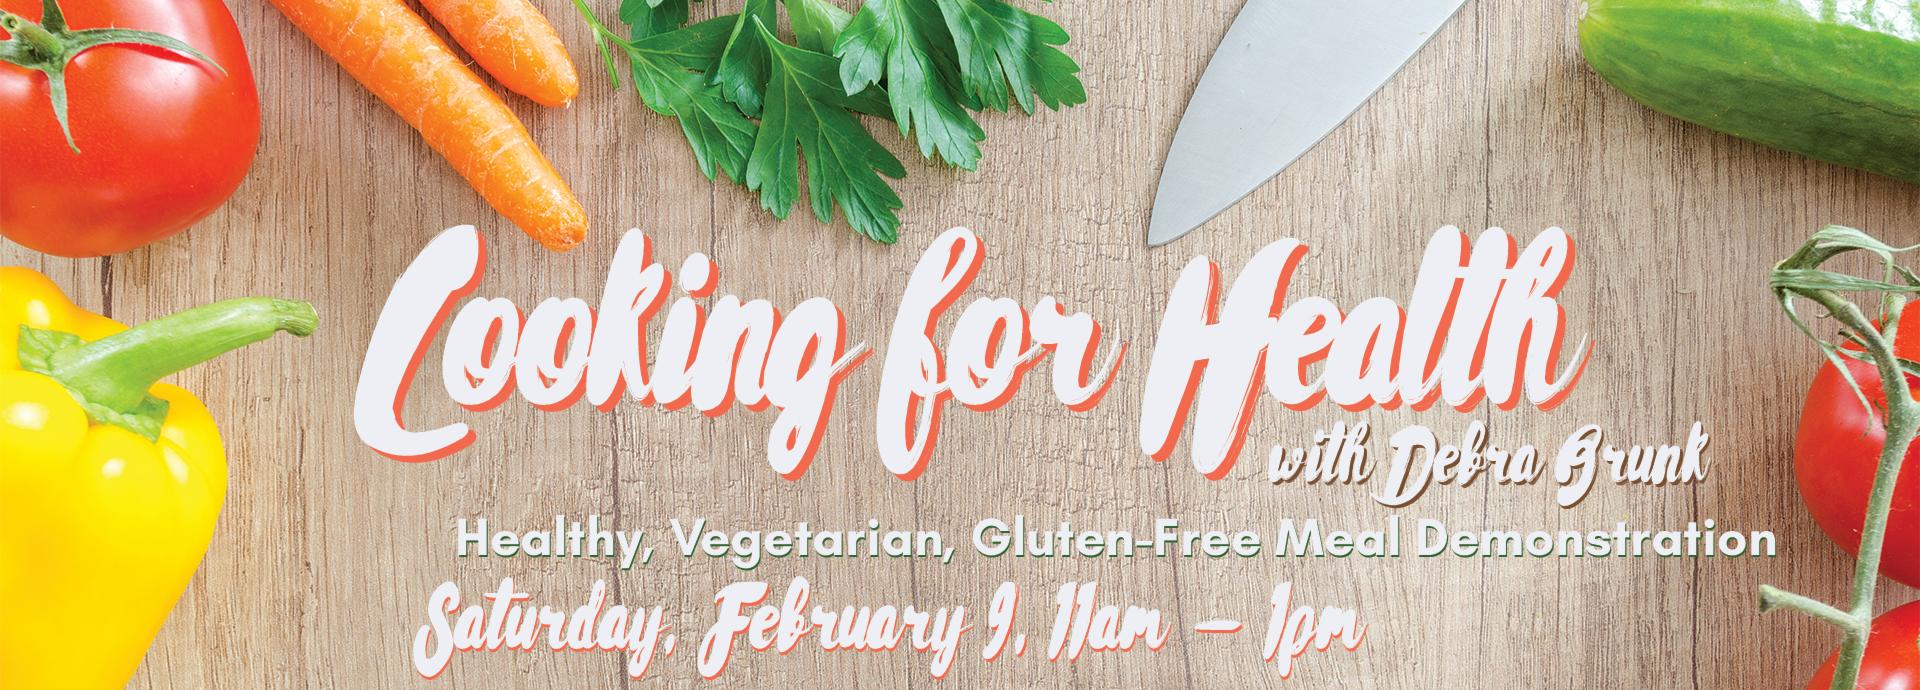 PoG_Wellness_Debra_Cooking-for-Health_February.jpg